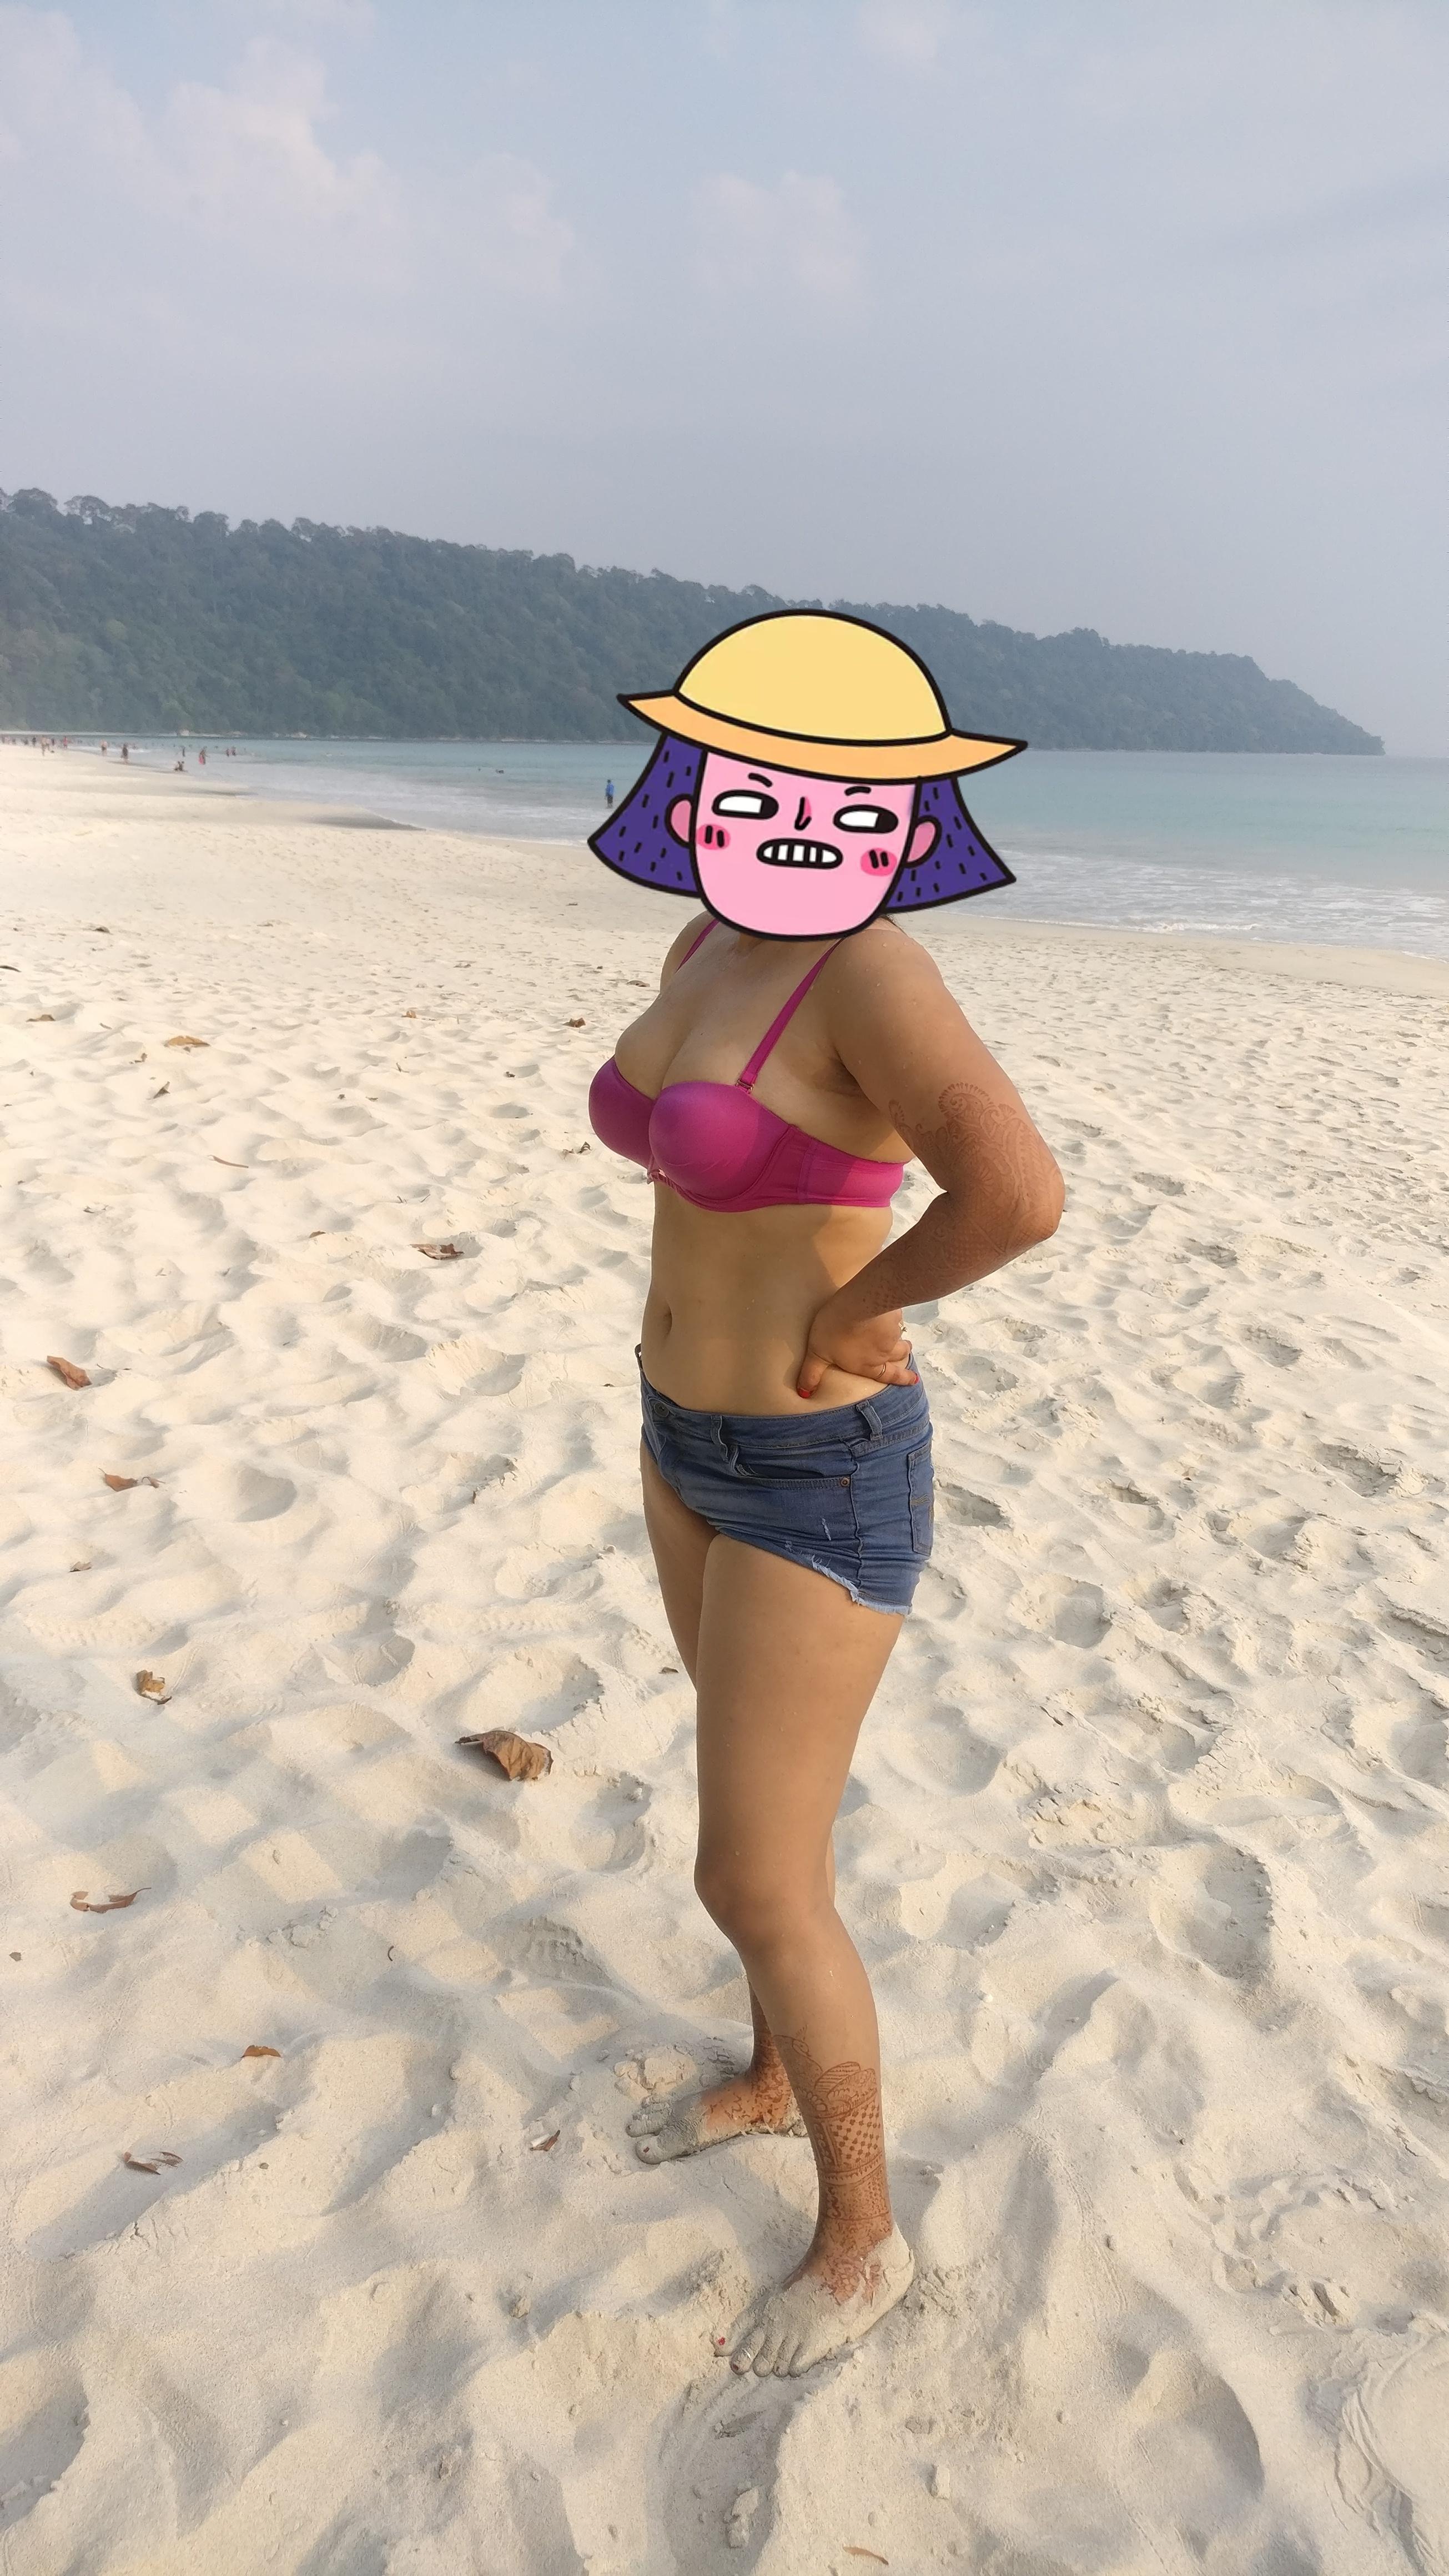 Nude in public dare